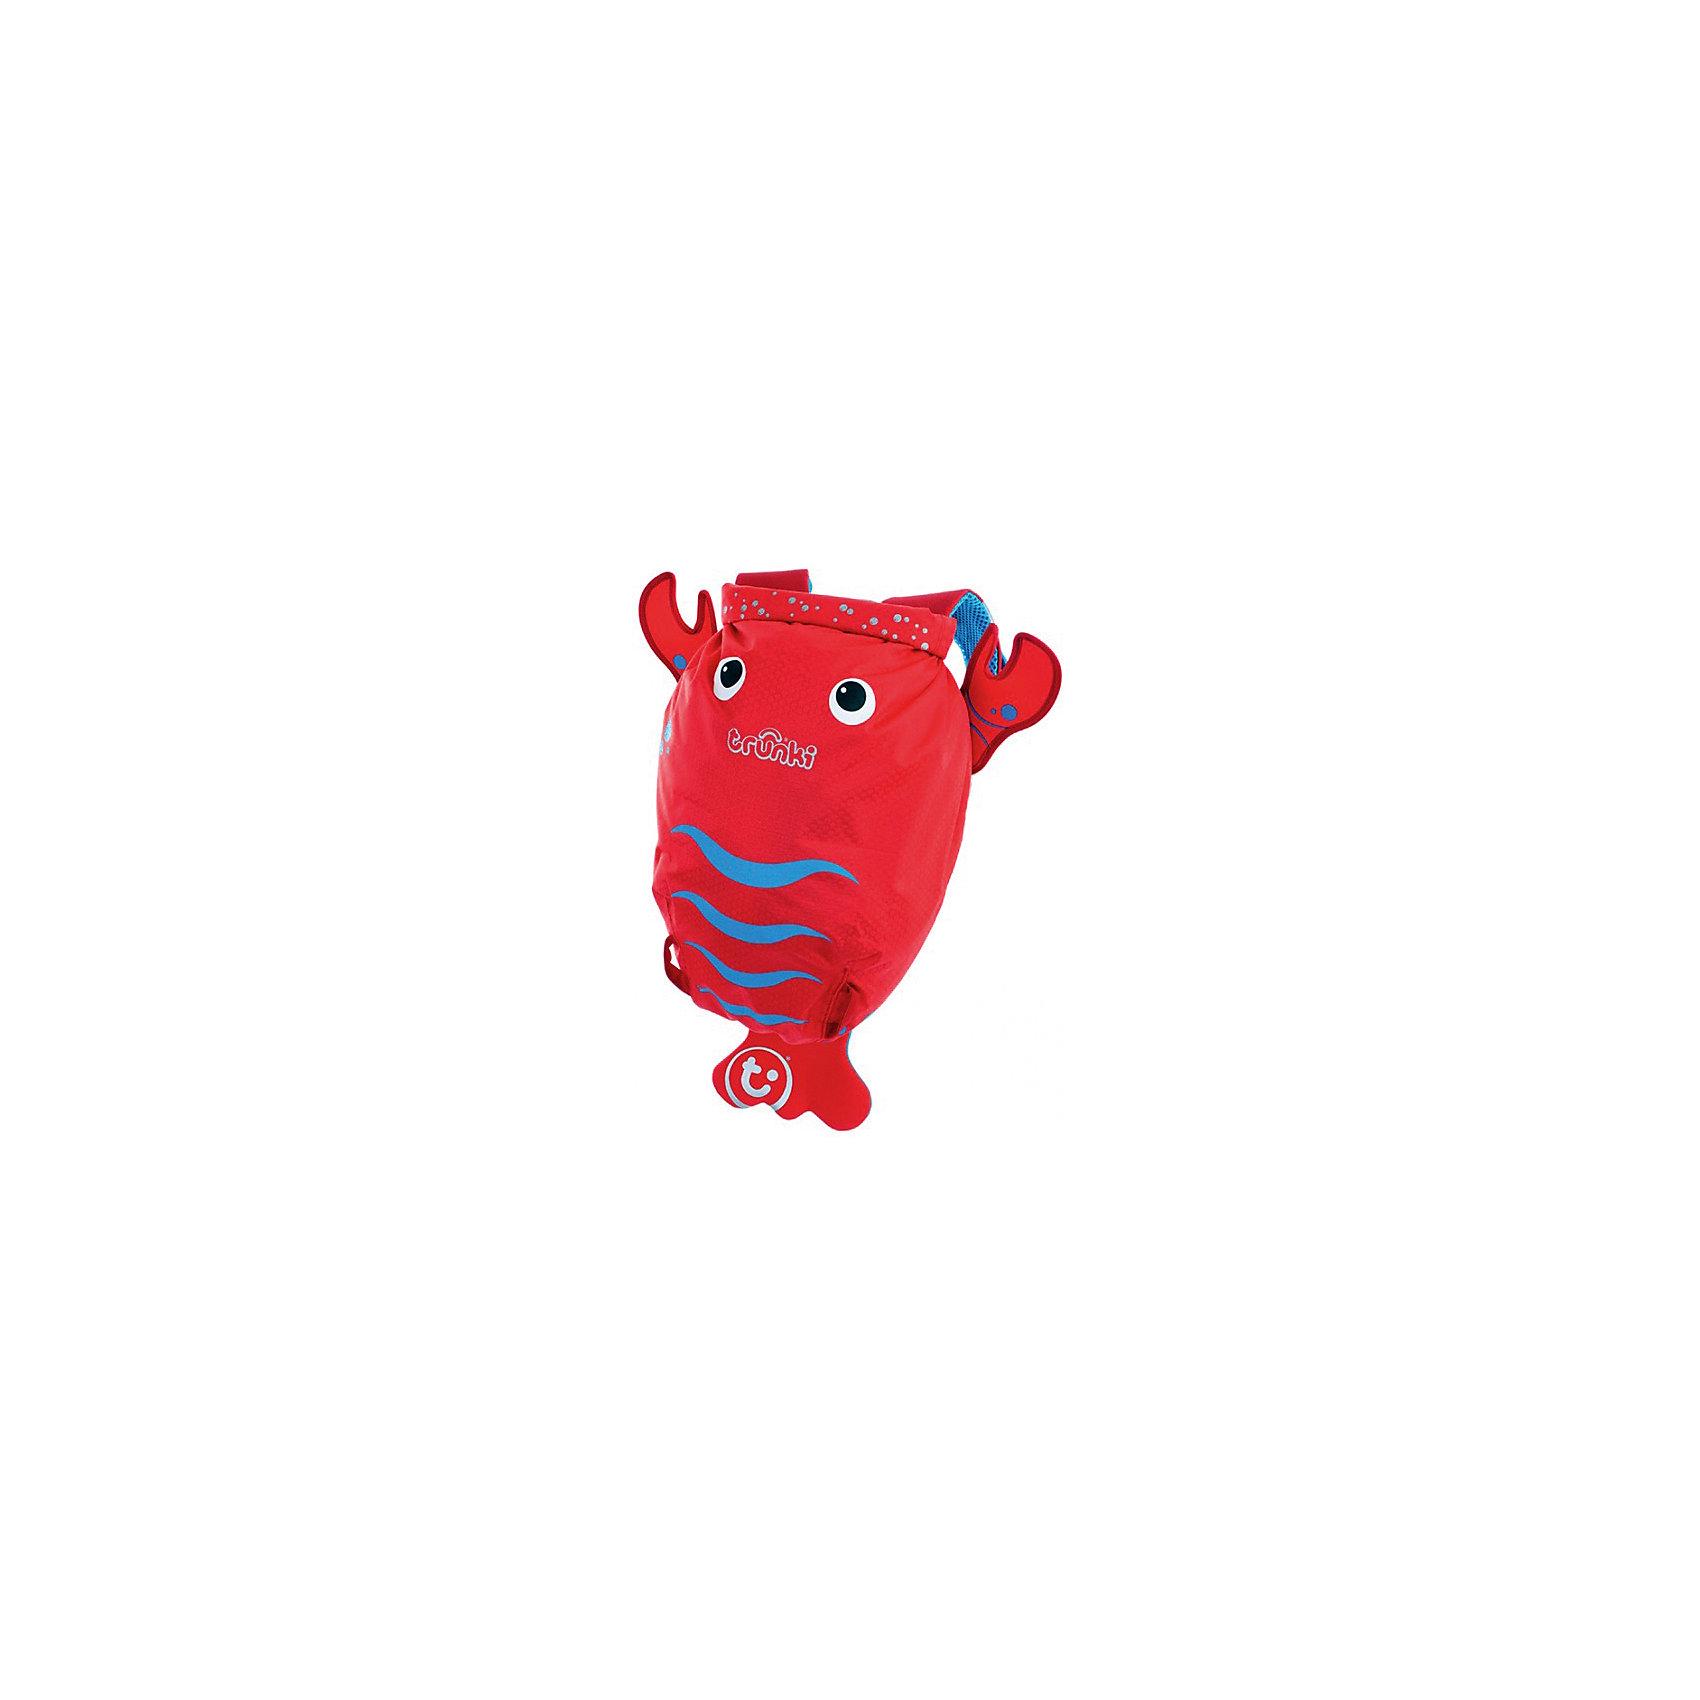 Рюкзак для бассейна и пляжа ЛобстерКрасочный стильный рюкзак для бассейна и пляжа Лобстер от мирового производителя детских чемоданов и дорожный аксессуаров Транки (Trunki) - отличный подарок для маленьких путешественников!<br>Рюкзак выполнен в виде ярко-красного лобстера с хвостиком и клешнями. Материал, из которого сделан рюкзак, водоотталкивающий, а это значит, что малышу не придется волноваться за то, что его вещи и любимые игрушки могут промокнуть. <br><br>Рюкзак для бассейна и пляжа оснащен специальным креплением Trunki, с помощью которого к рюкзаку можно подвесить детские солнцезащитные очки. Рюкзак имеет светоотражающую отделку, а также карман в виде плавника, куда можно положить различные мелочи.  <br>Рюкзак Trunki – незаменимый аксессуар для мальчиков и девочек и прекрасный подарок для походов в бассейн или на пляж.<br><br>Дополнительная информация:<br><br>Размер рюкзака: 49,5 х 41 см.<br>Объем: 7,5 литров.<br><br>Рюкзак для бассейна и пляжа Лобстер можно купить в нашем магазине.<br><br>Ширина мм: 490<br>Глубина мм: 410<br>Высота мм: 200<br>Вес г: 200<br>Возраст от месяцев: 36<br>Возраст до месяцев: 84<br>Пол: Унисекс<br>Возраст: Детский<br>SKU: 4090983